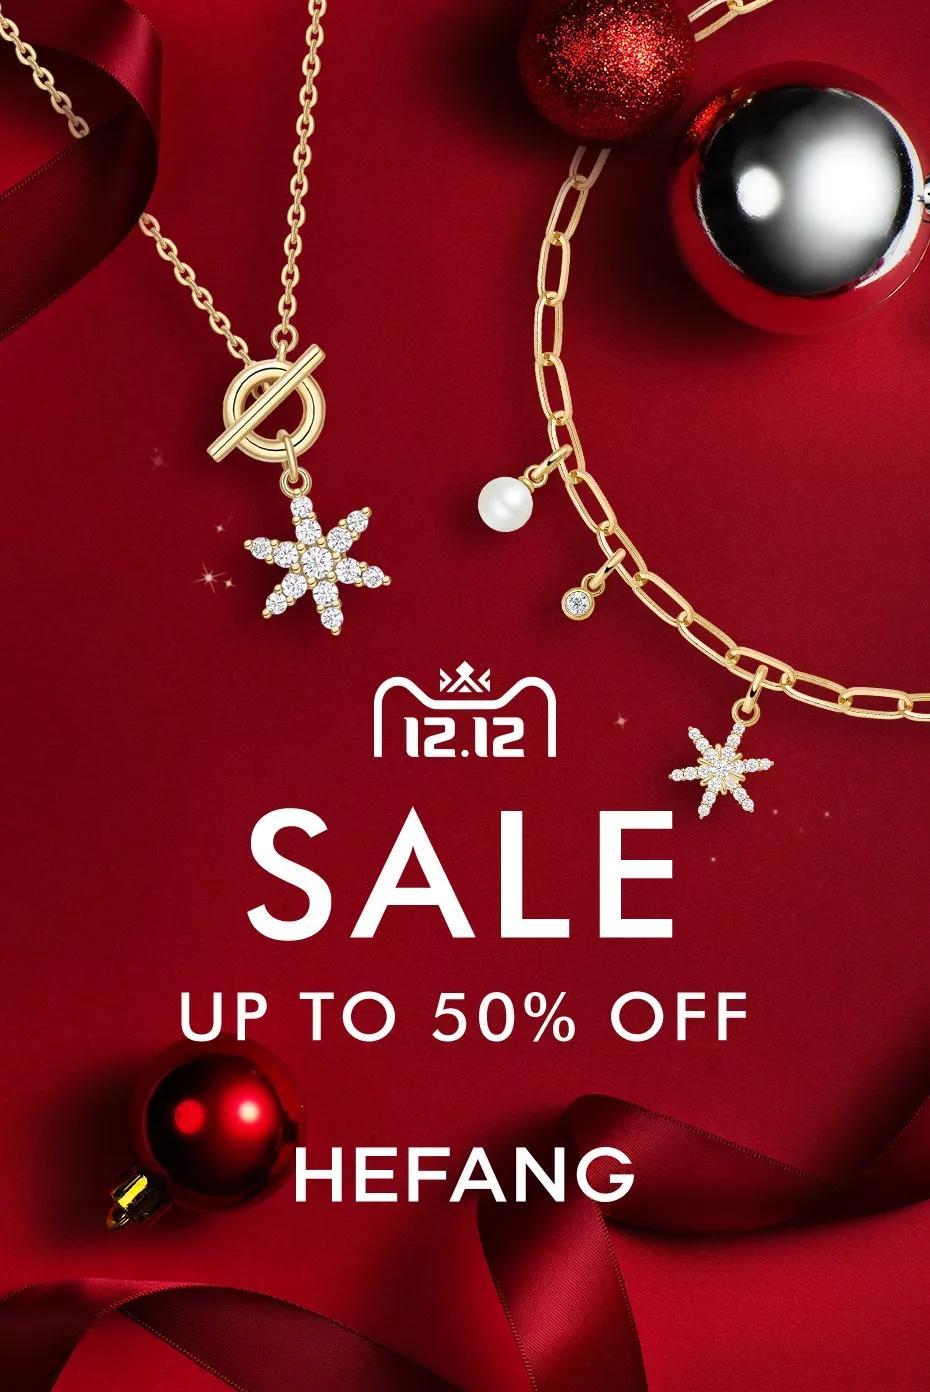 低至5折 买新年礼物和圣诞礼物的最佳折扣季,来了!_口令